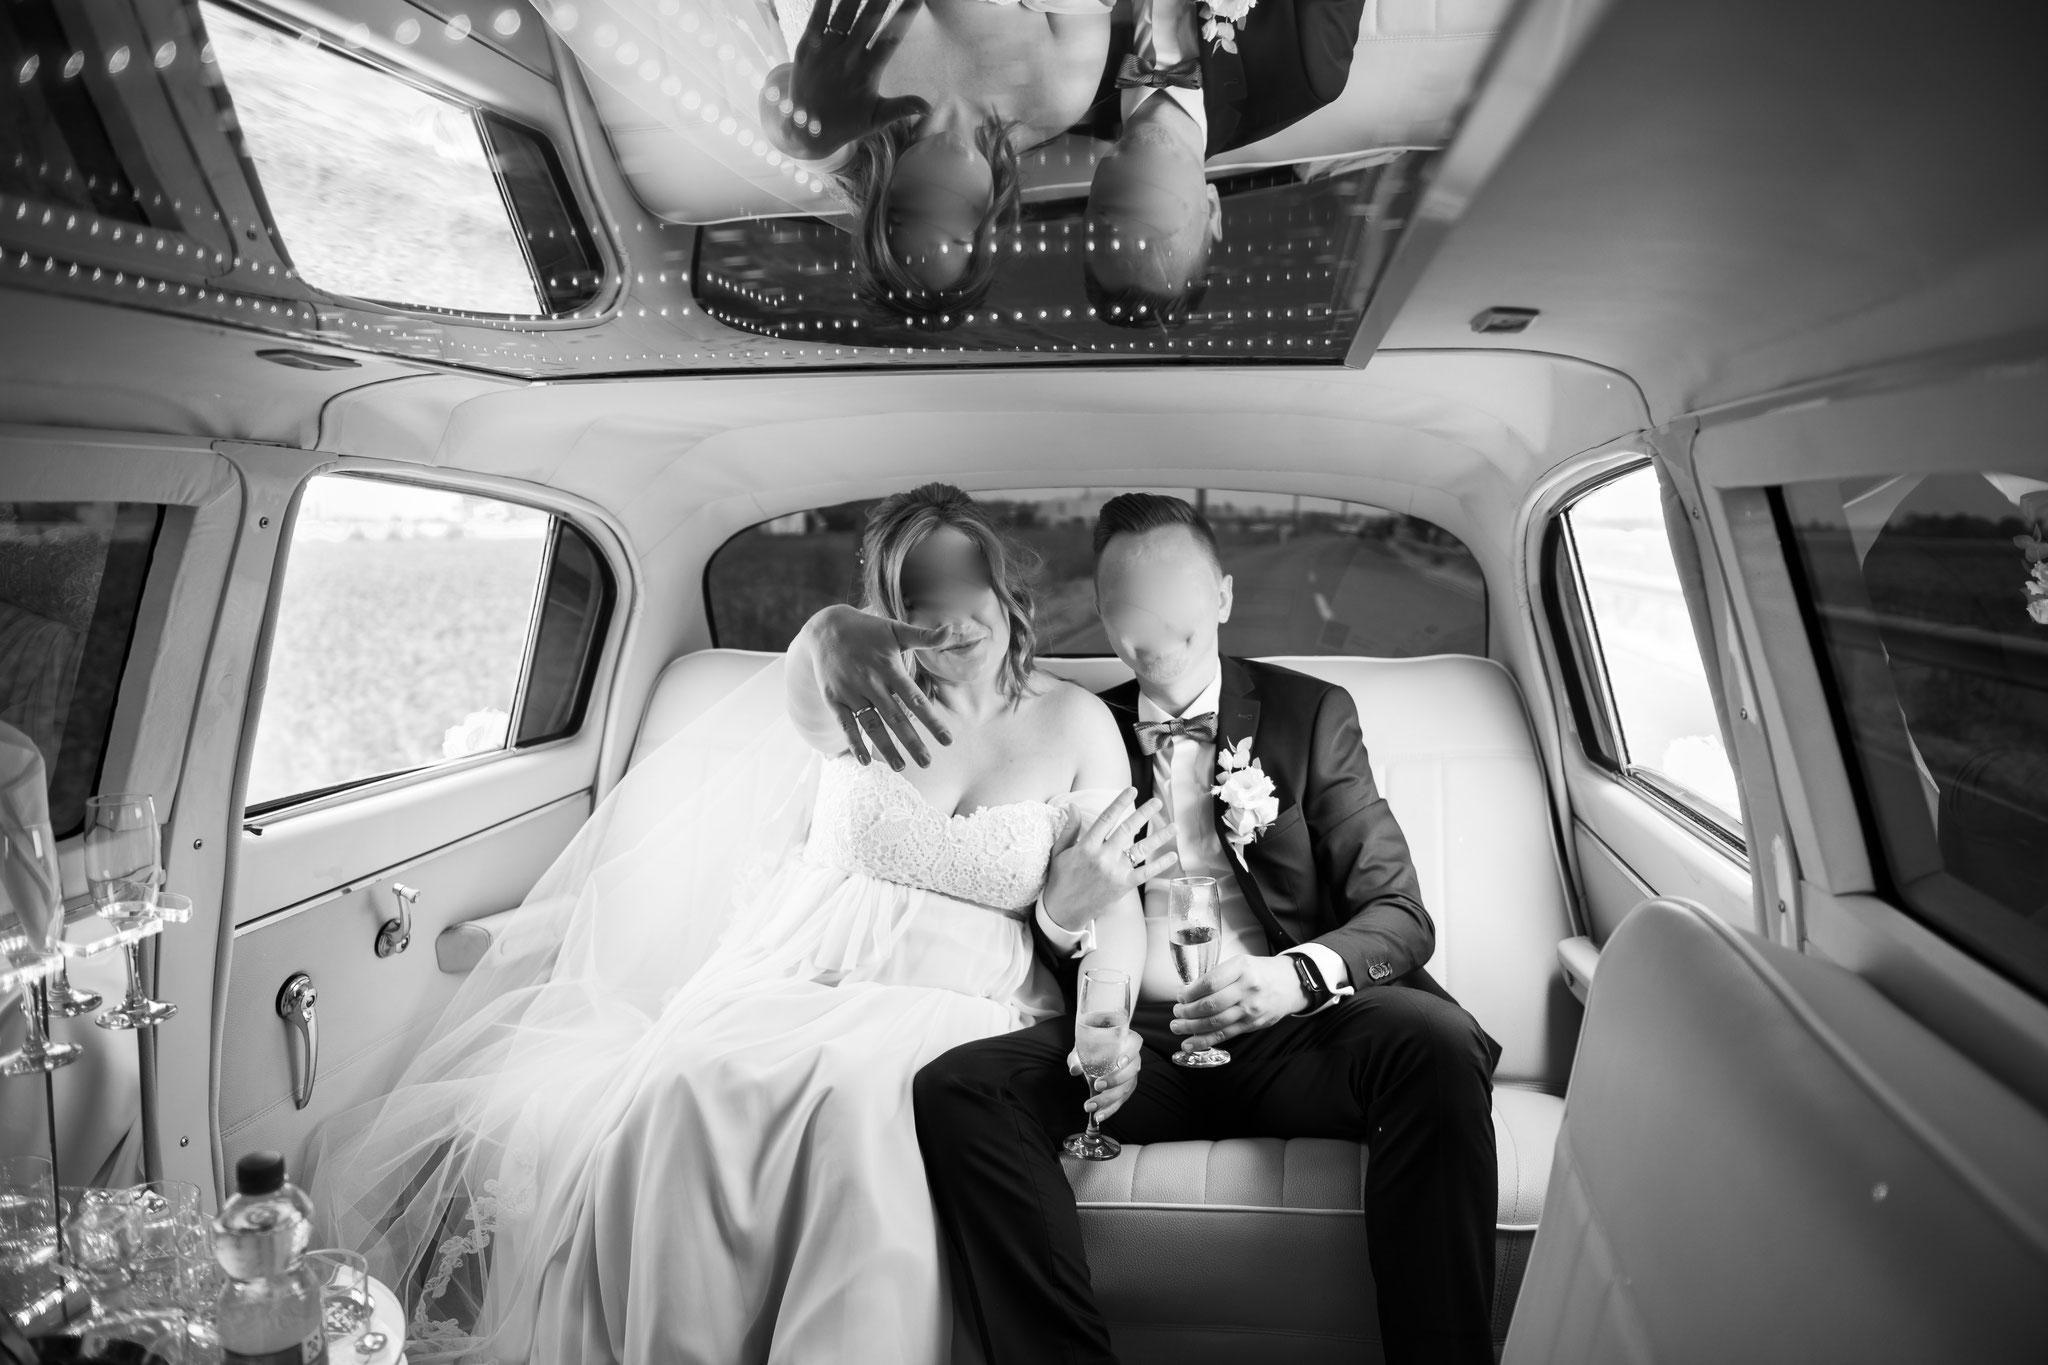 Brautpaar in der einzigartigen Limousine Volga GAZ 21